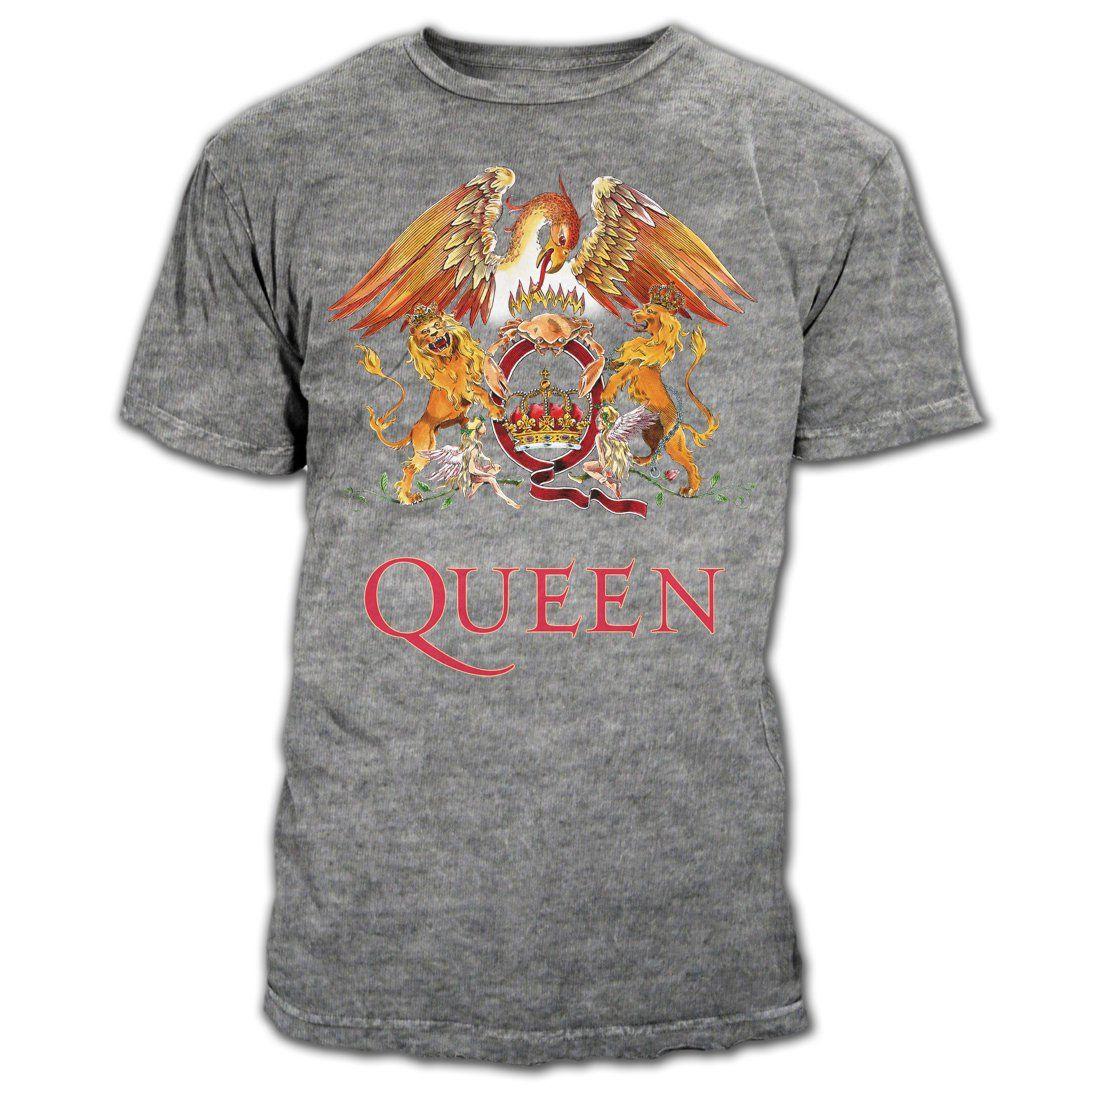 Koszulka z logo kolorowym